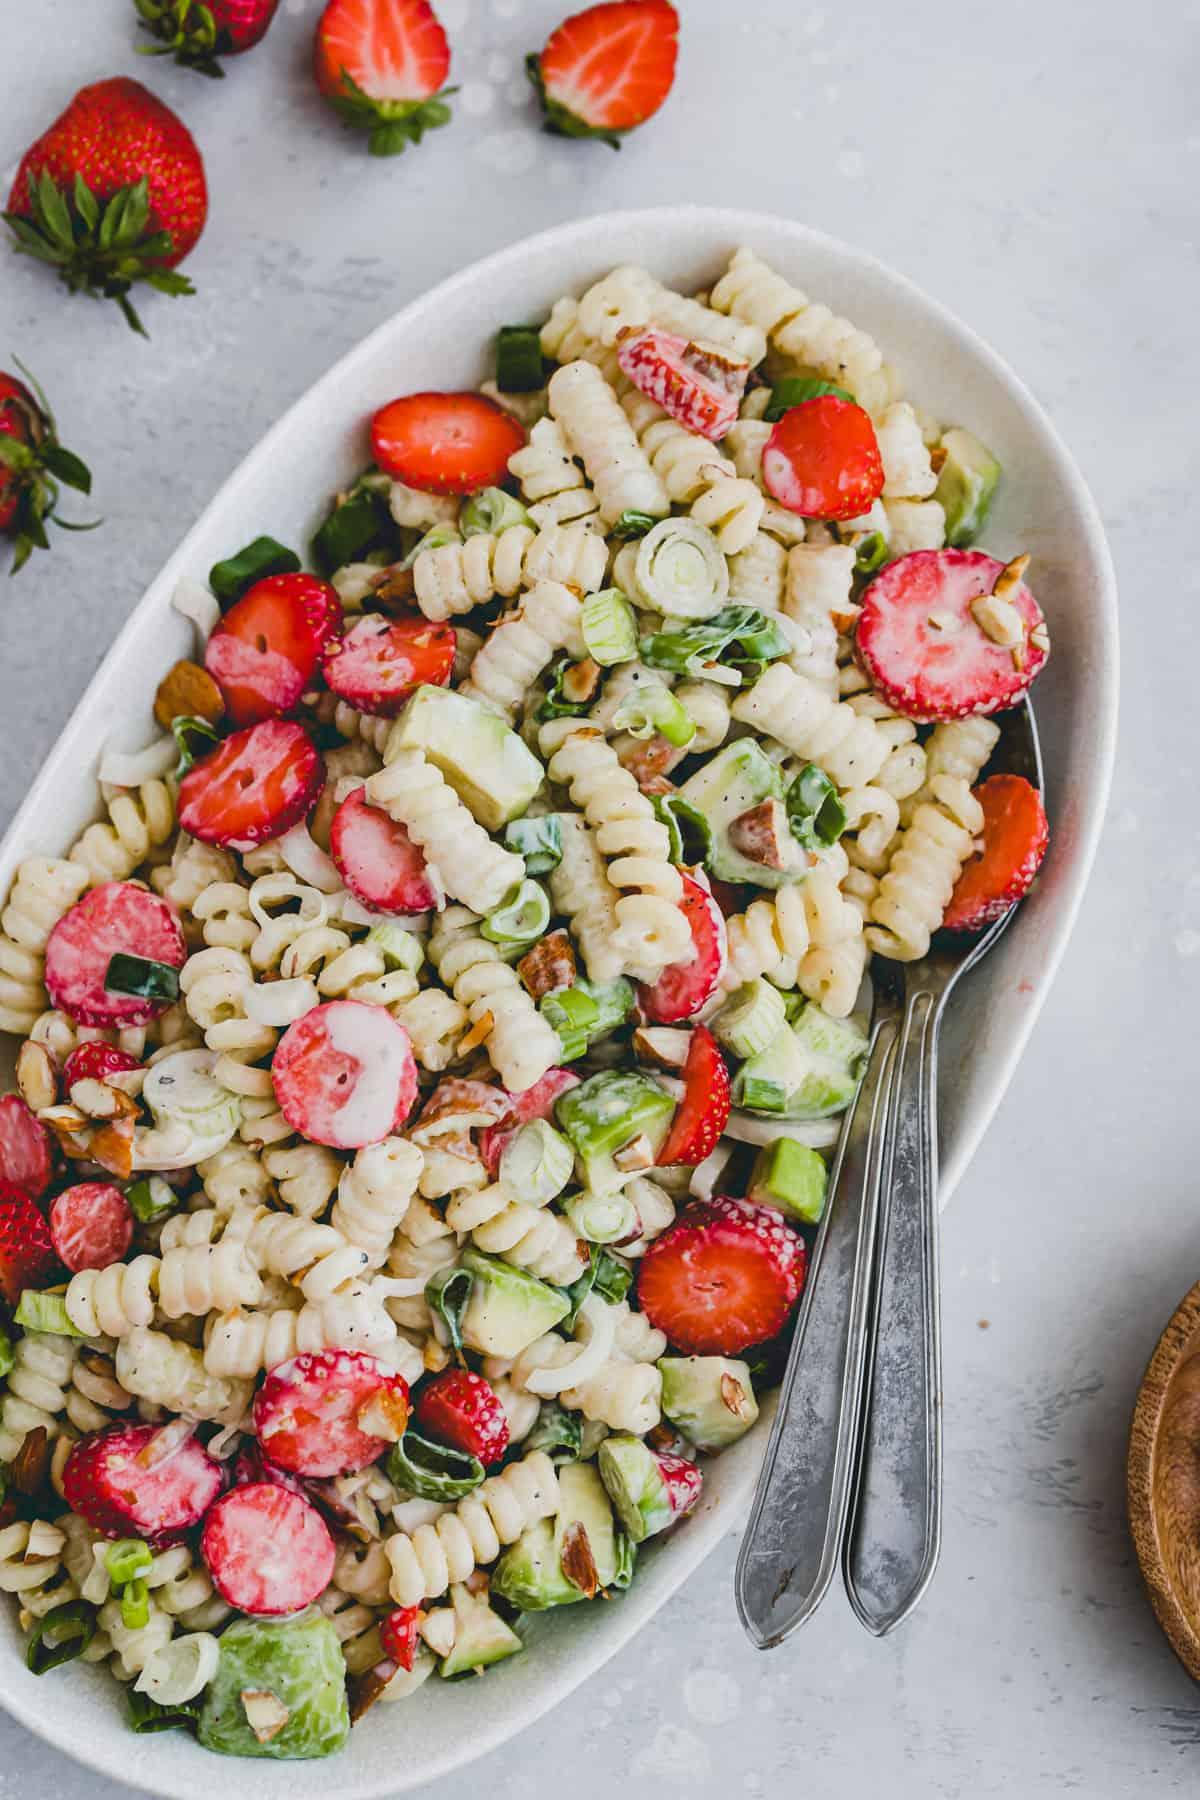 veganer nudelsalat mit joghurt, avocado, erdbeeren